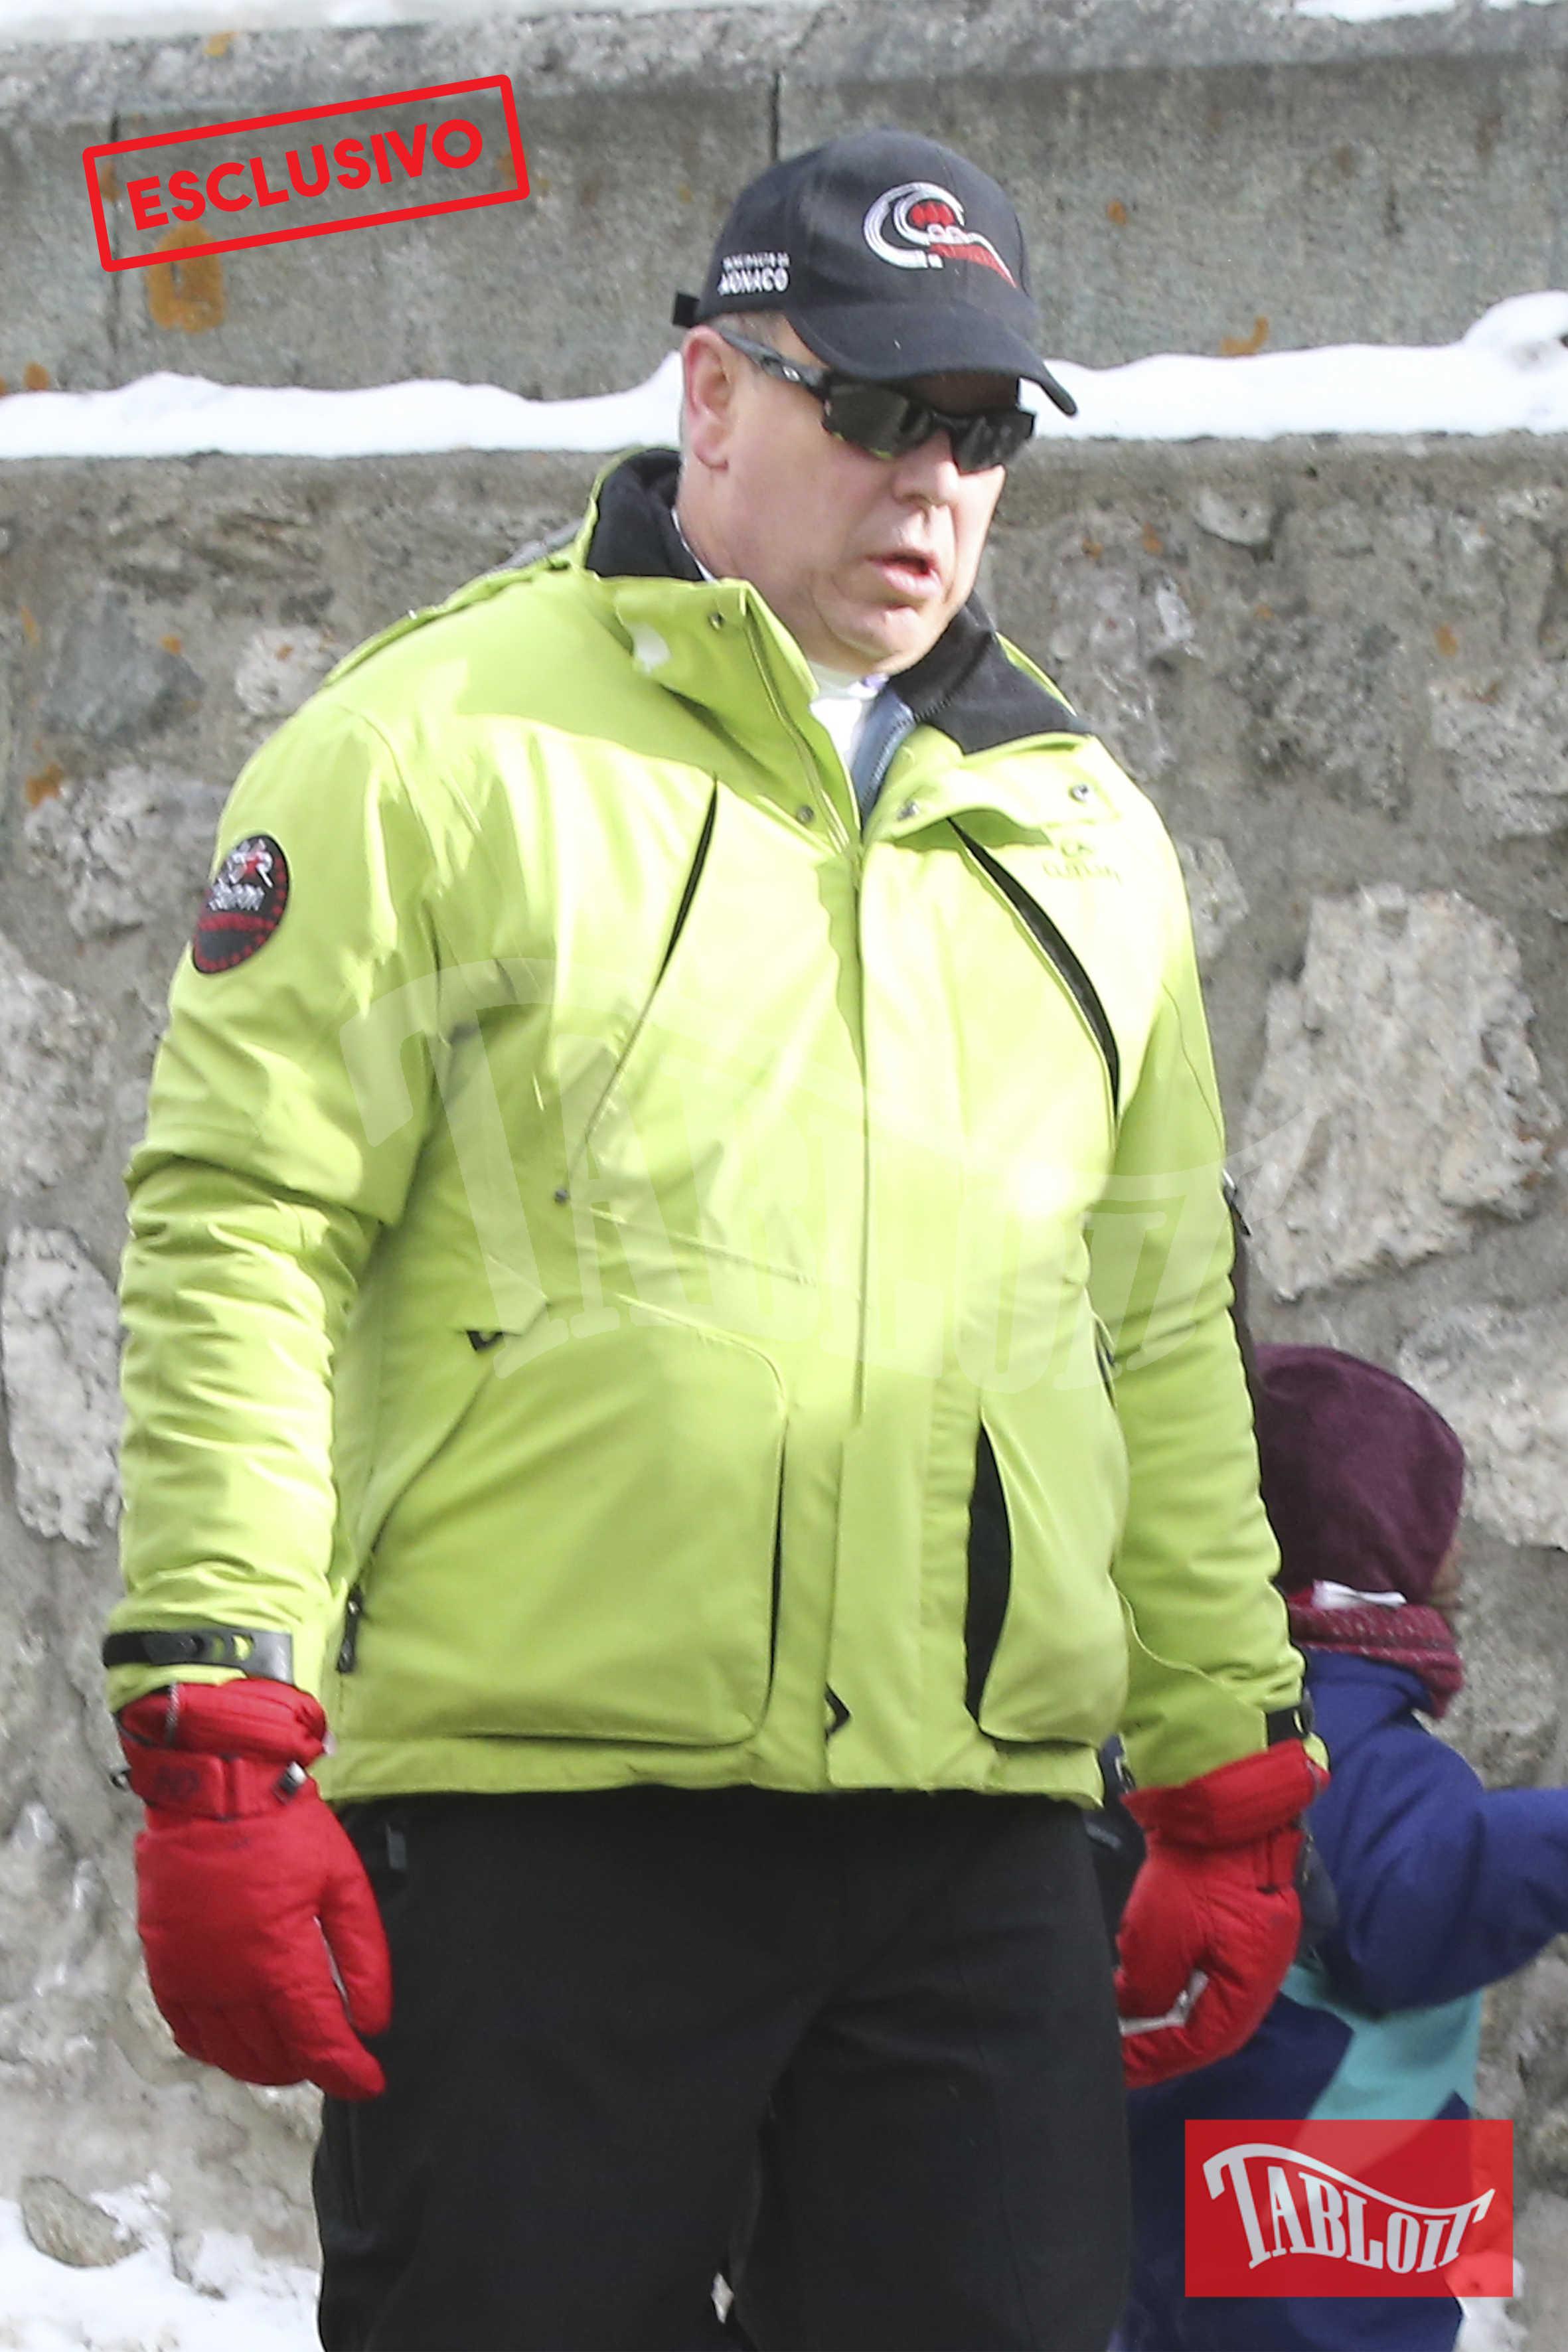 Principe Alberto di Monaco